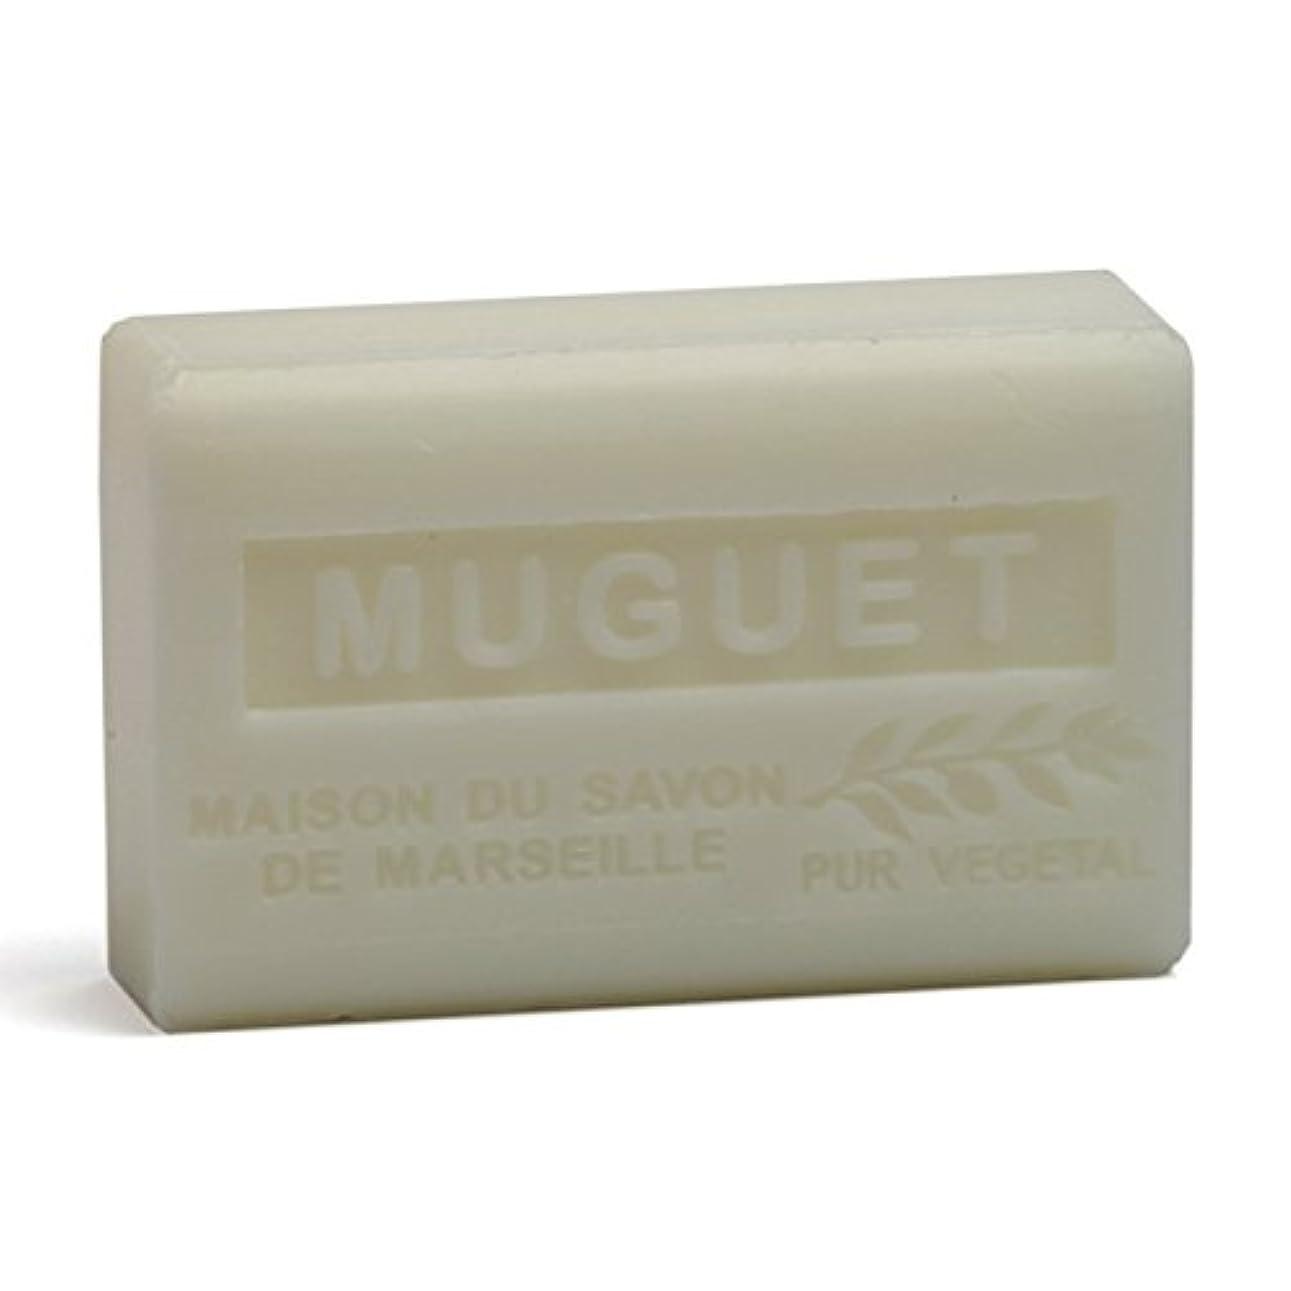 酒近傍エールSavon de Marseille Soap Lily of the Valley Shea Butter 125g